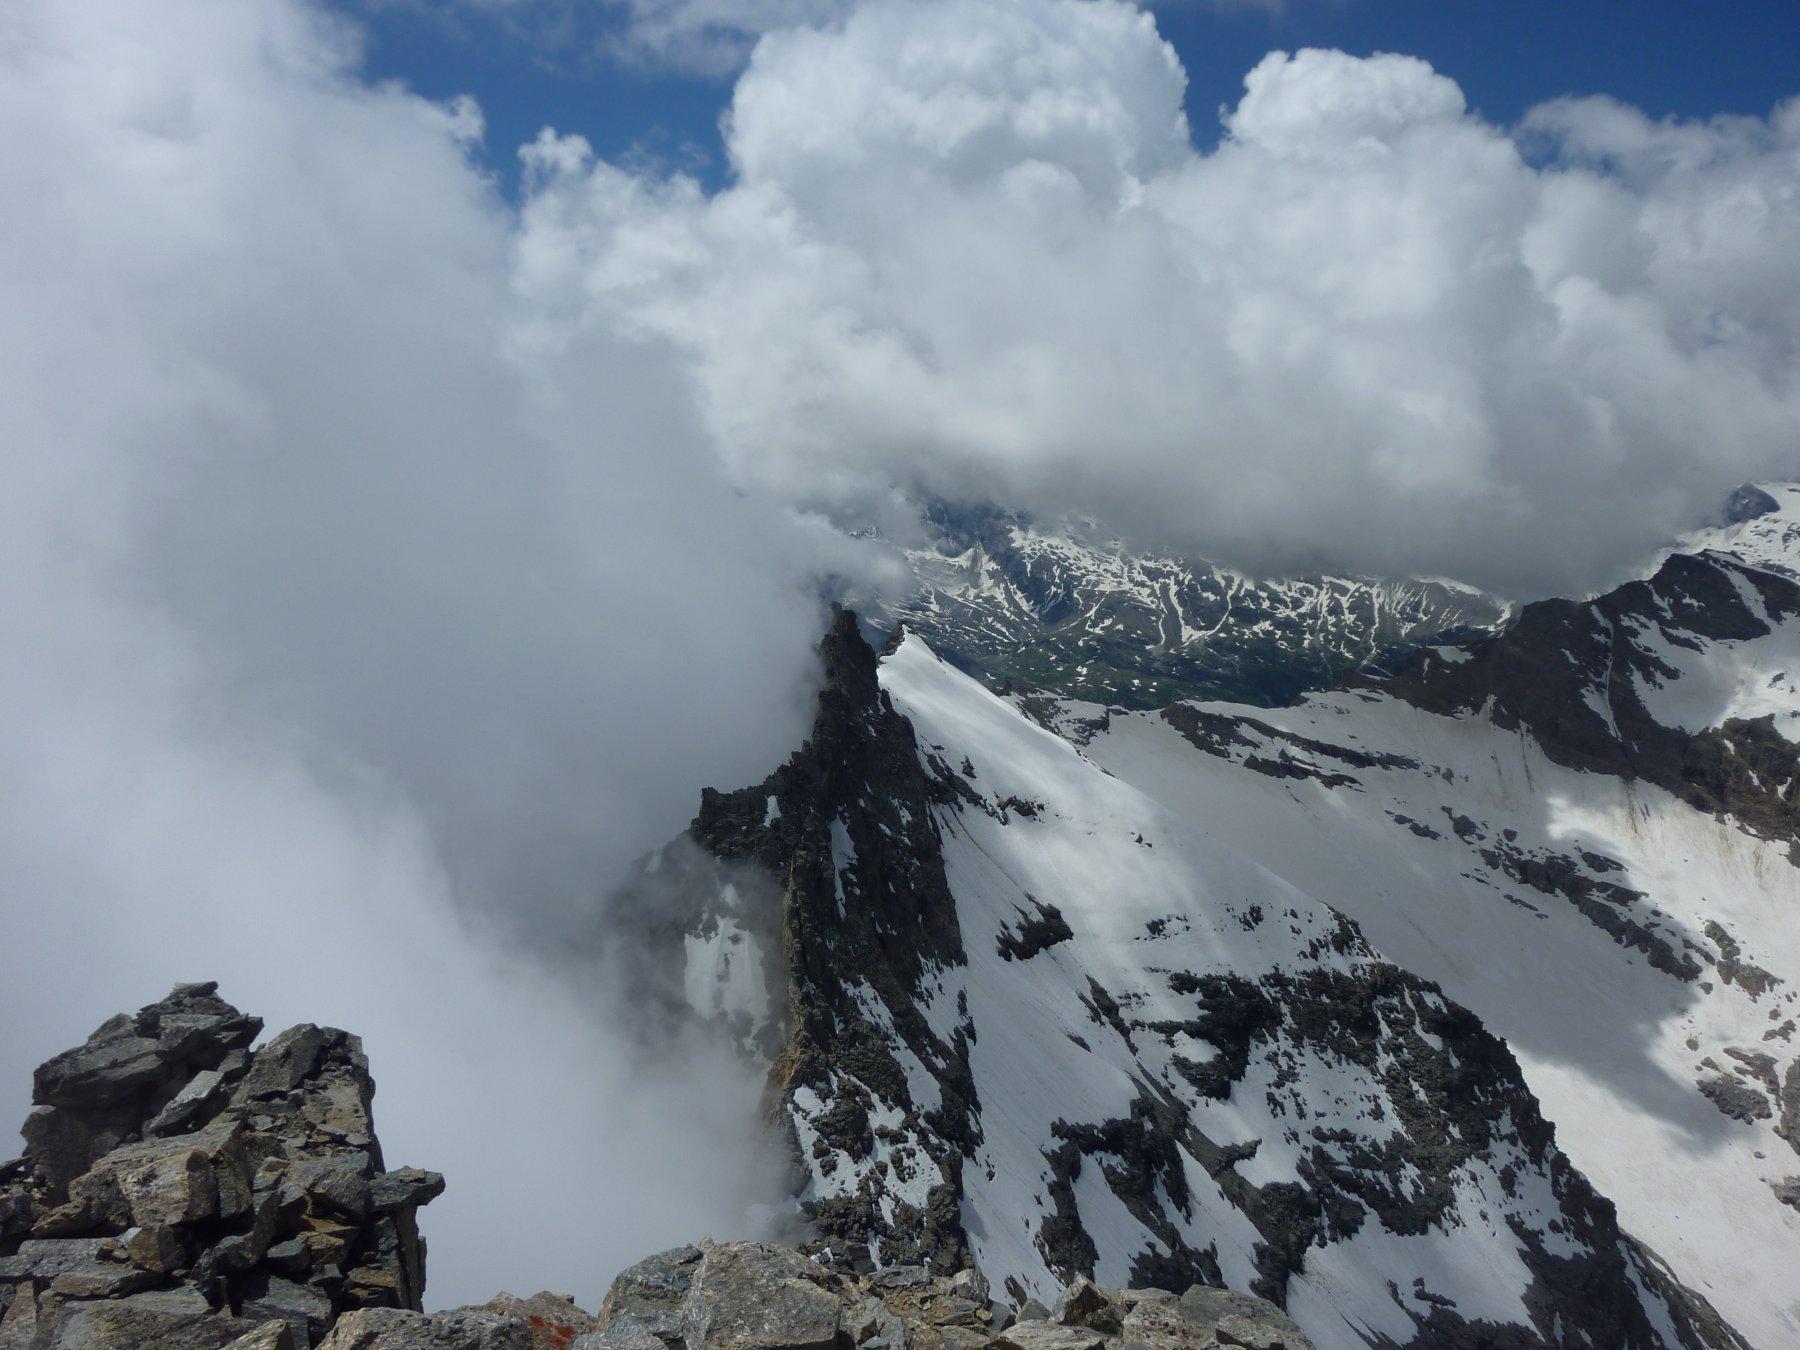 panorama dalla cima: lato opposto